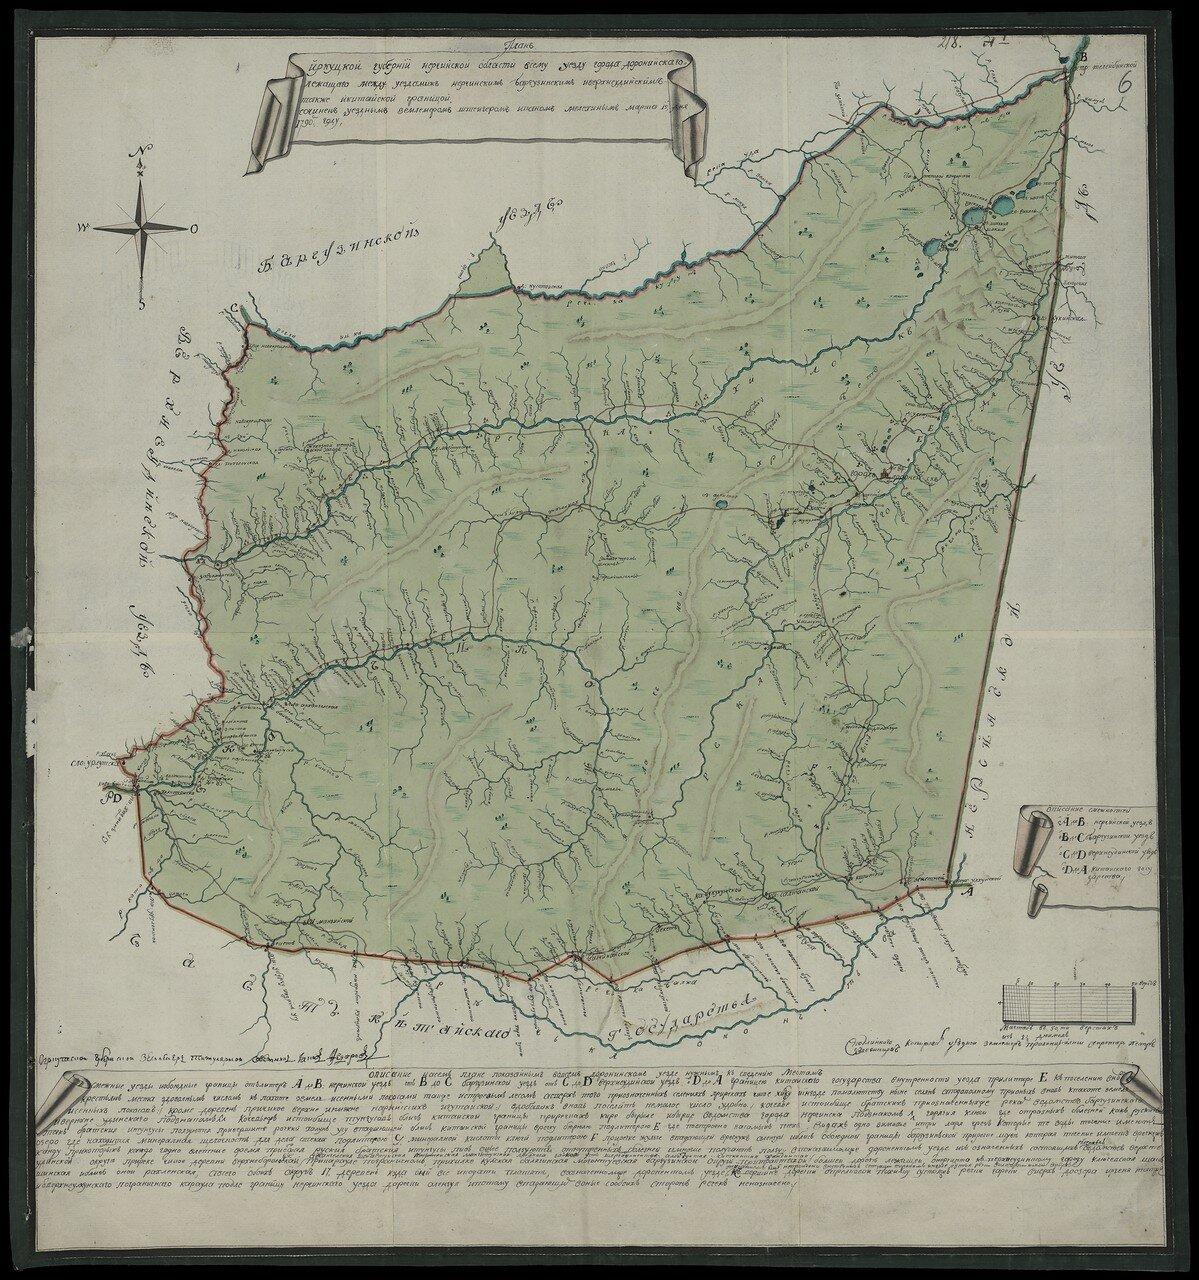 Доронинский уезд (Нерчинская область) 1797. 20 верст